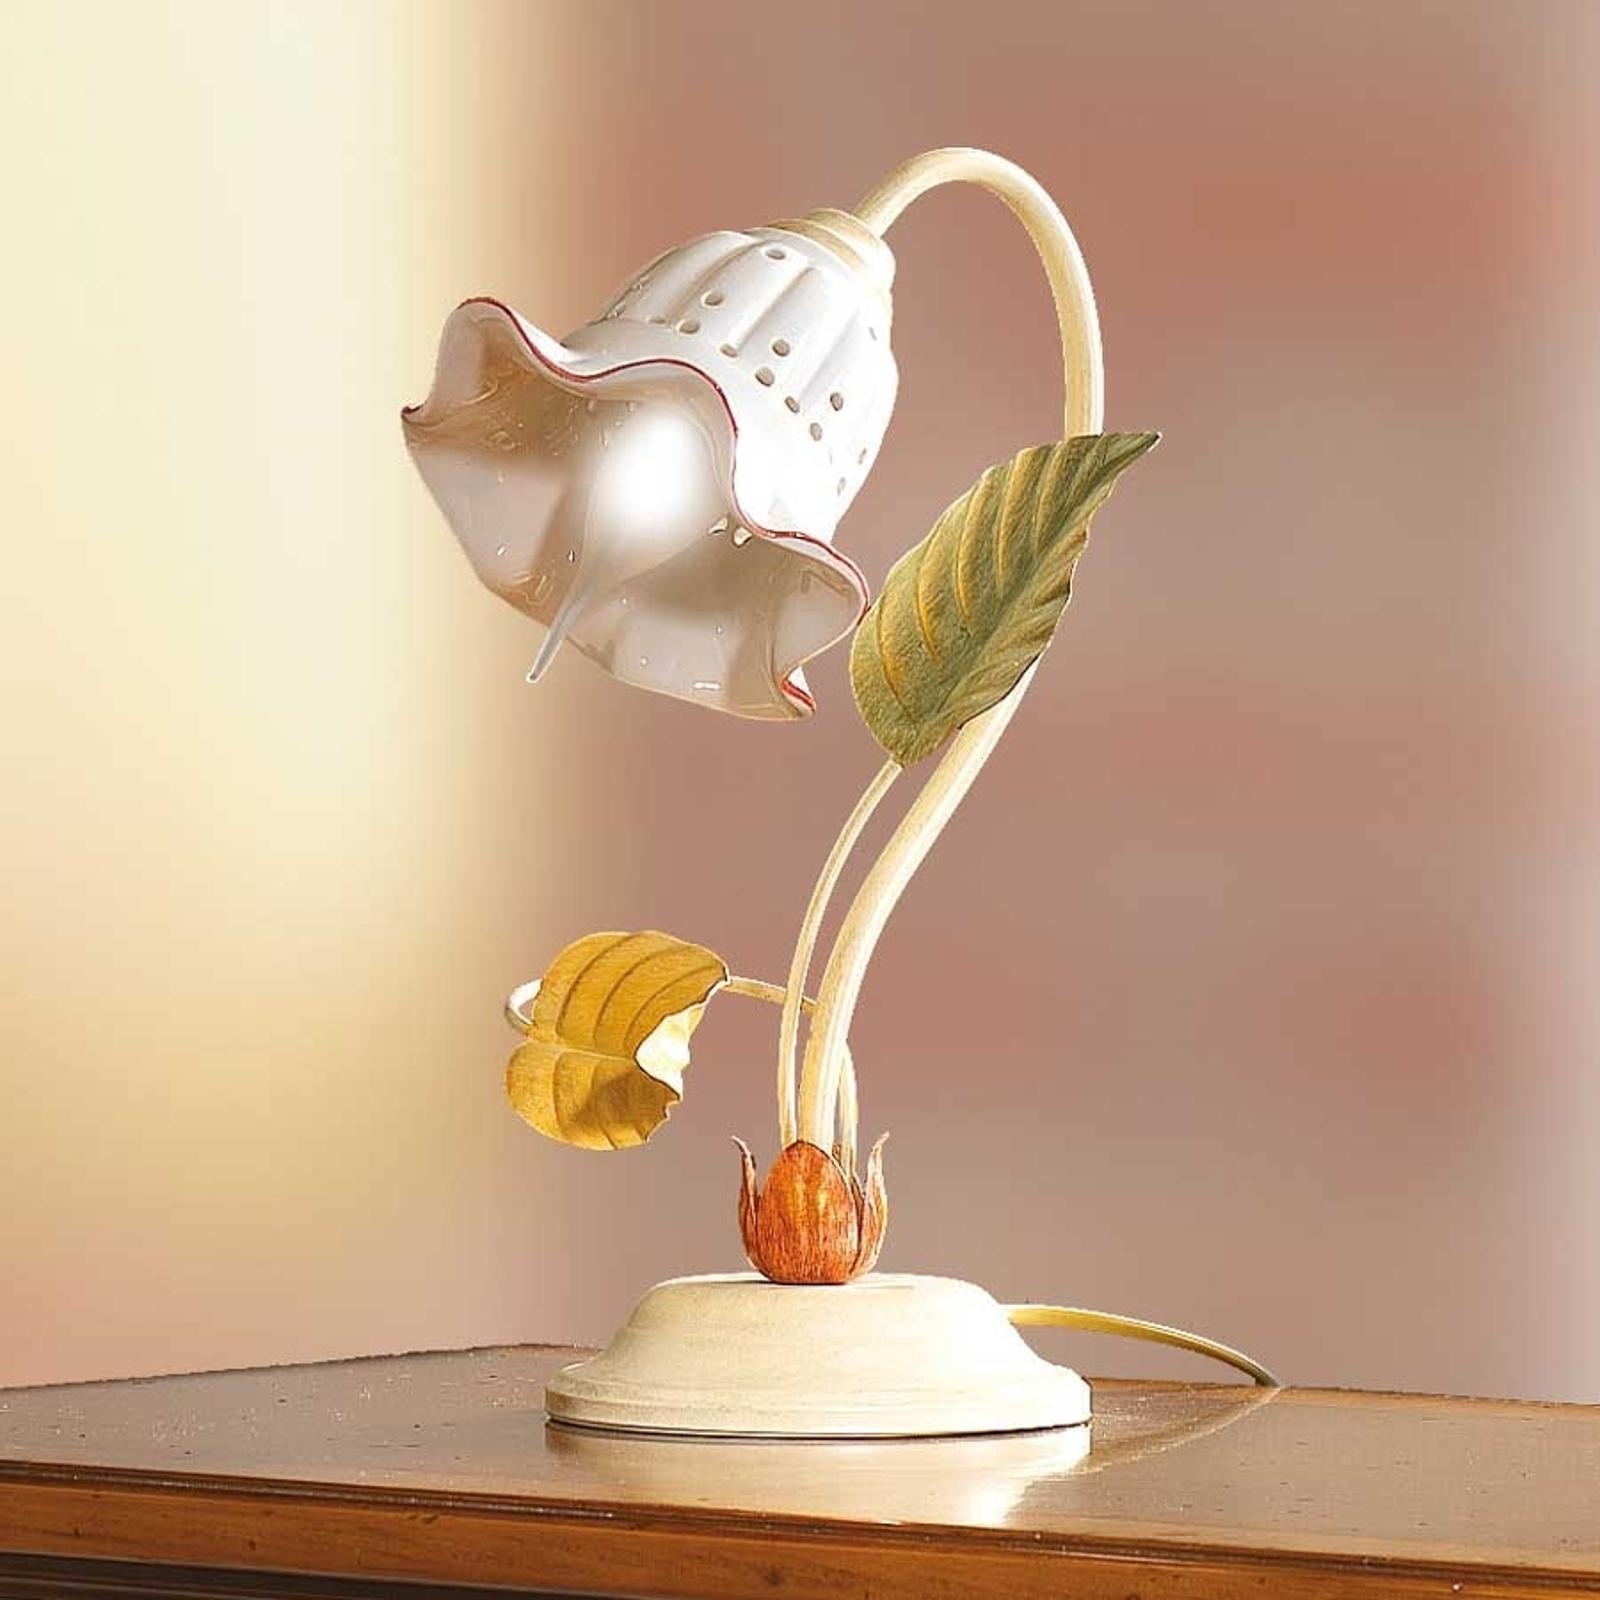 Stolná lampa Flora vo florentínskom štýle_2013075_1